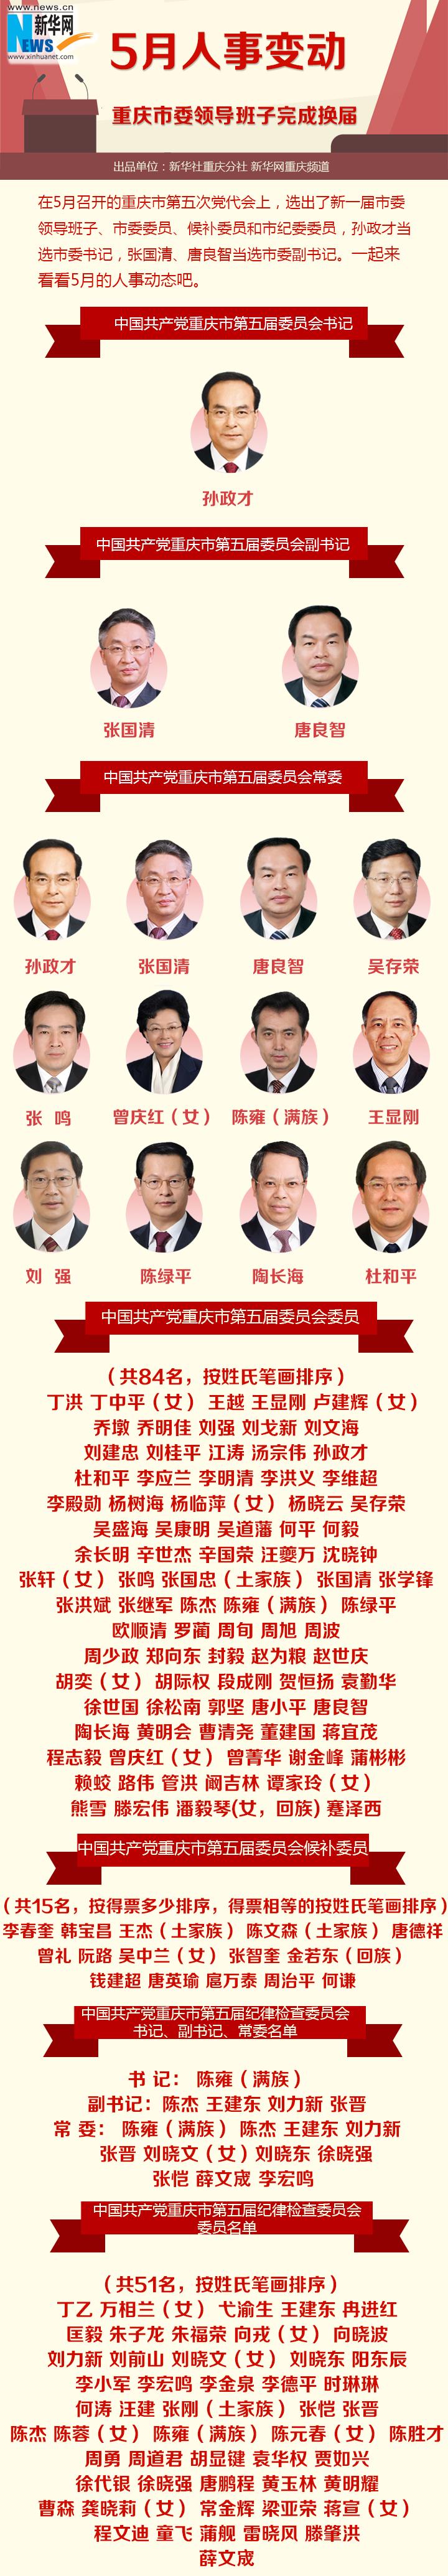 5月人事变动:重庆市委领导班子完成换届